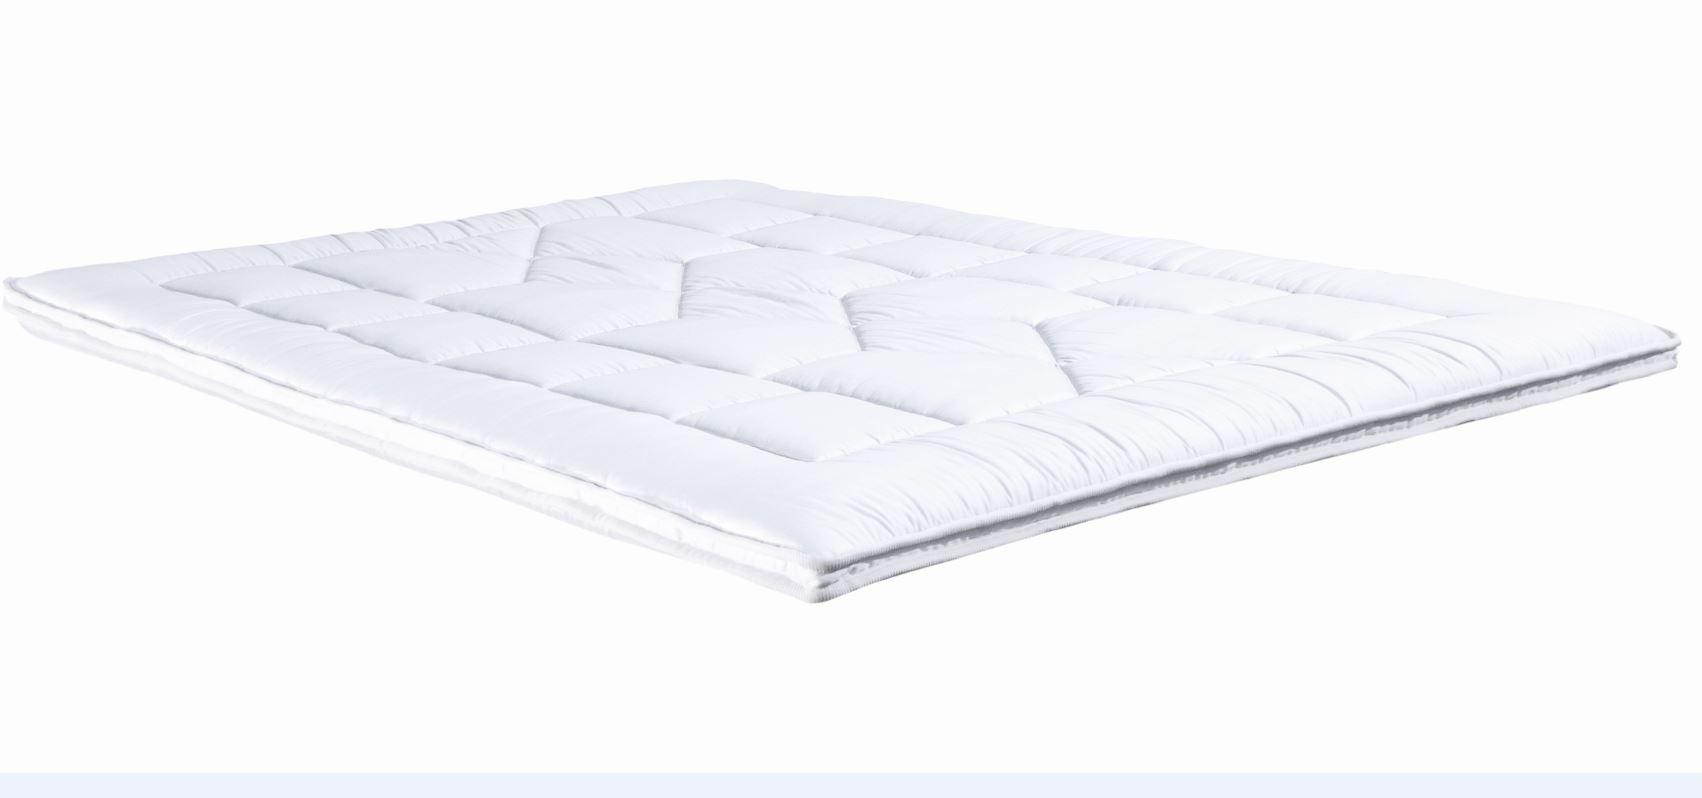 surmatelas pour matelas trop ferme m moire forme 140x190cm achat vente sur matelas cdiscount. Black Bedroom Furniture Sets. Home Design Ideas